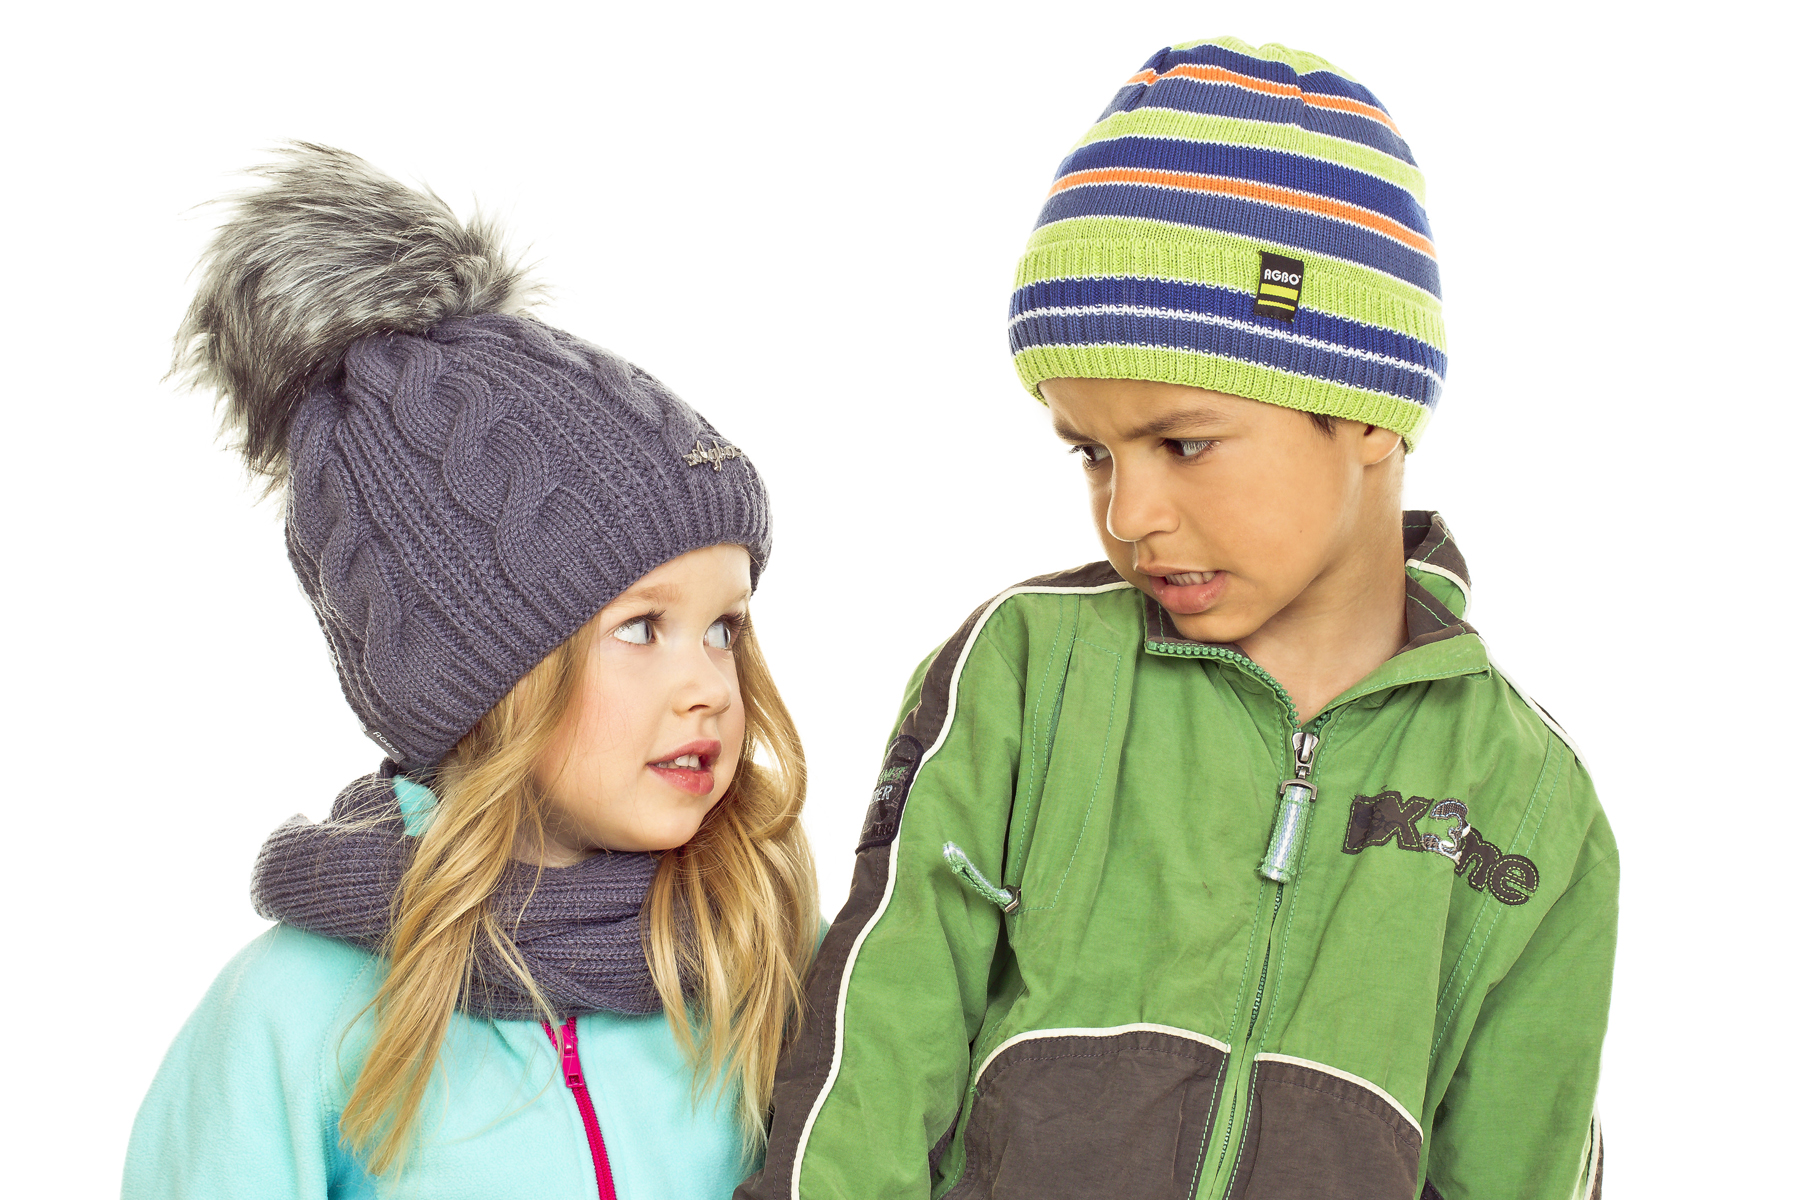 Fashion by Kids_027